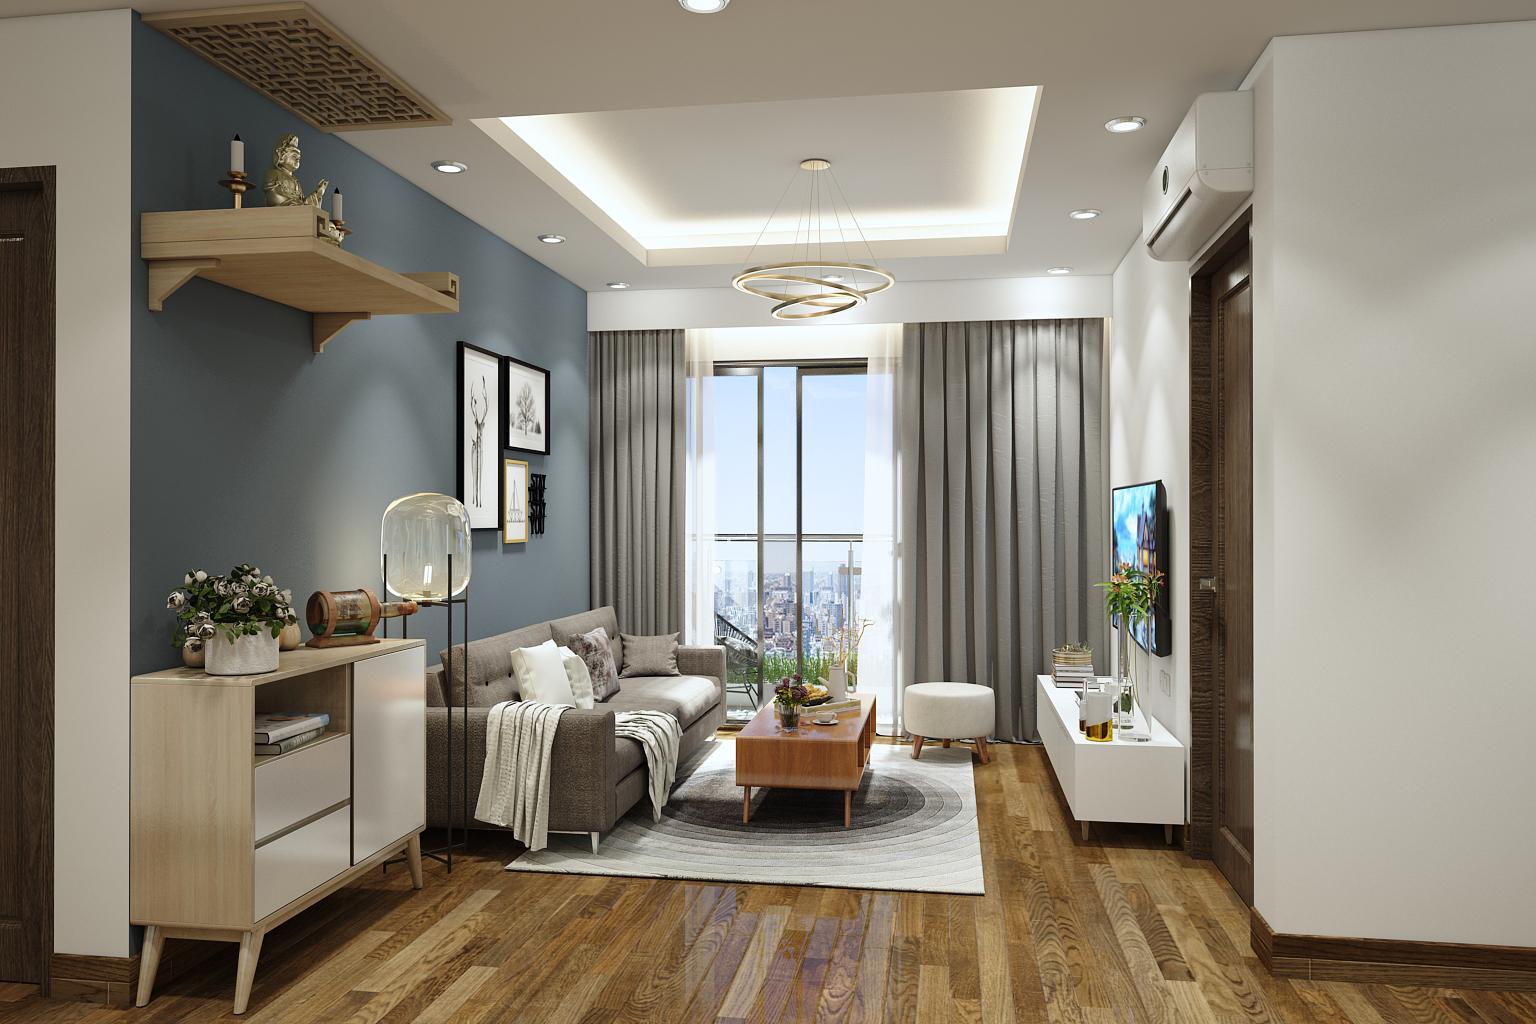 thiết kế nội thất chung cư tại Hà Nội Chung Cư An Bình City 3 1538039948